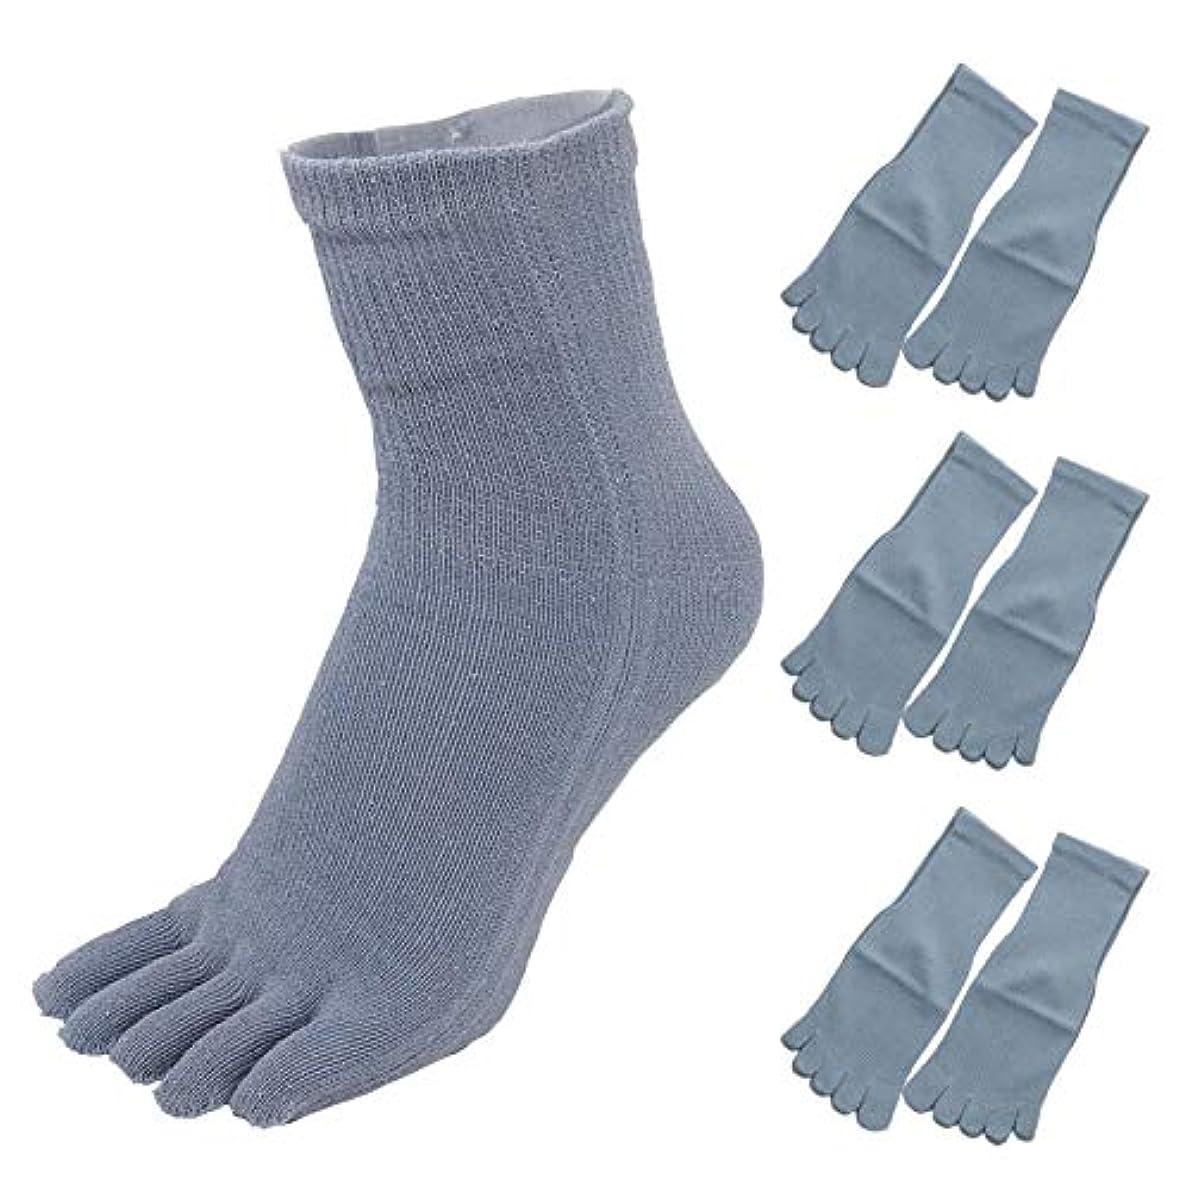 雑品悲しいことにナインへUSK STORE レディース シルク混 絹 5本指 ソックス 3足組 重ね履き用 靴下 保温 抗菌 通気性バツグン (ブルーグレー)